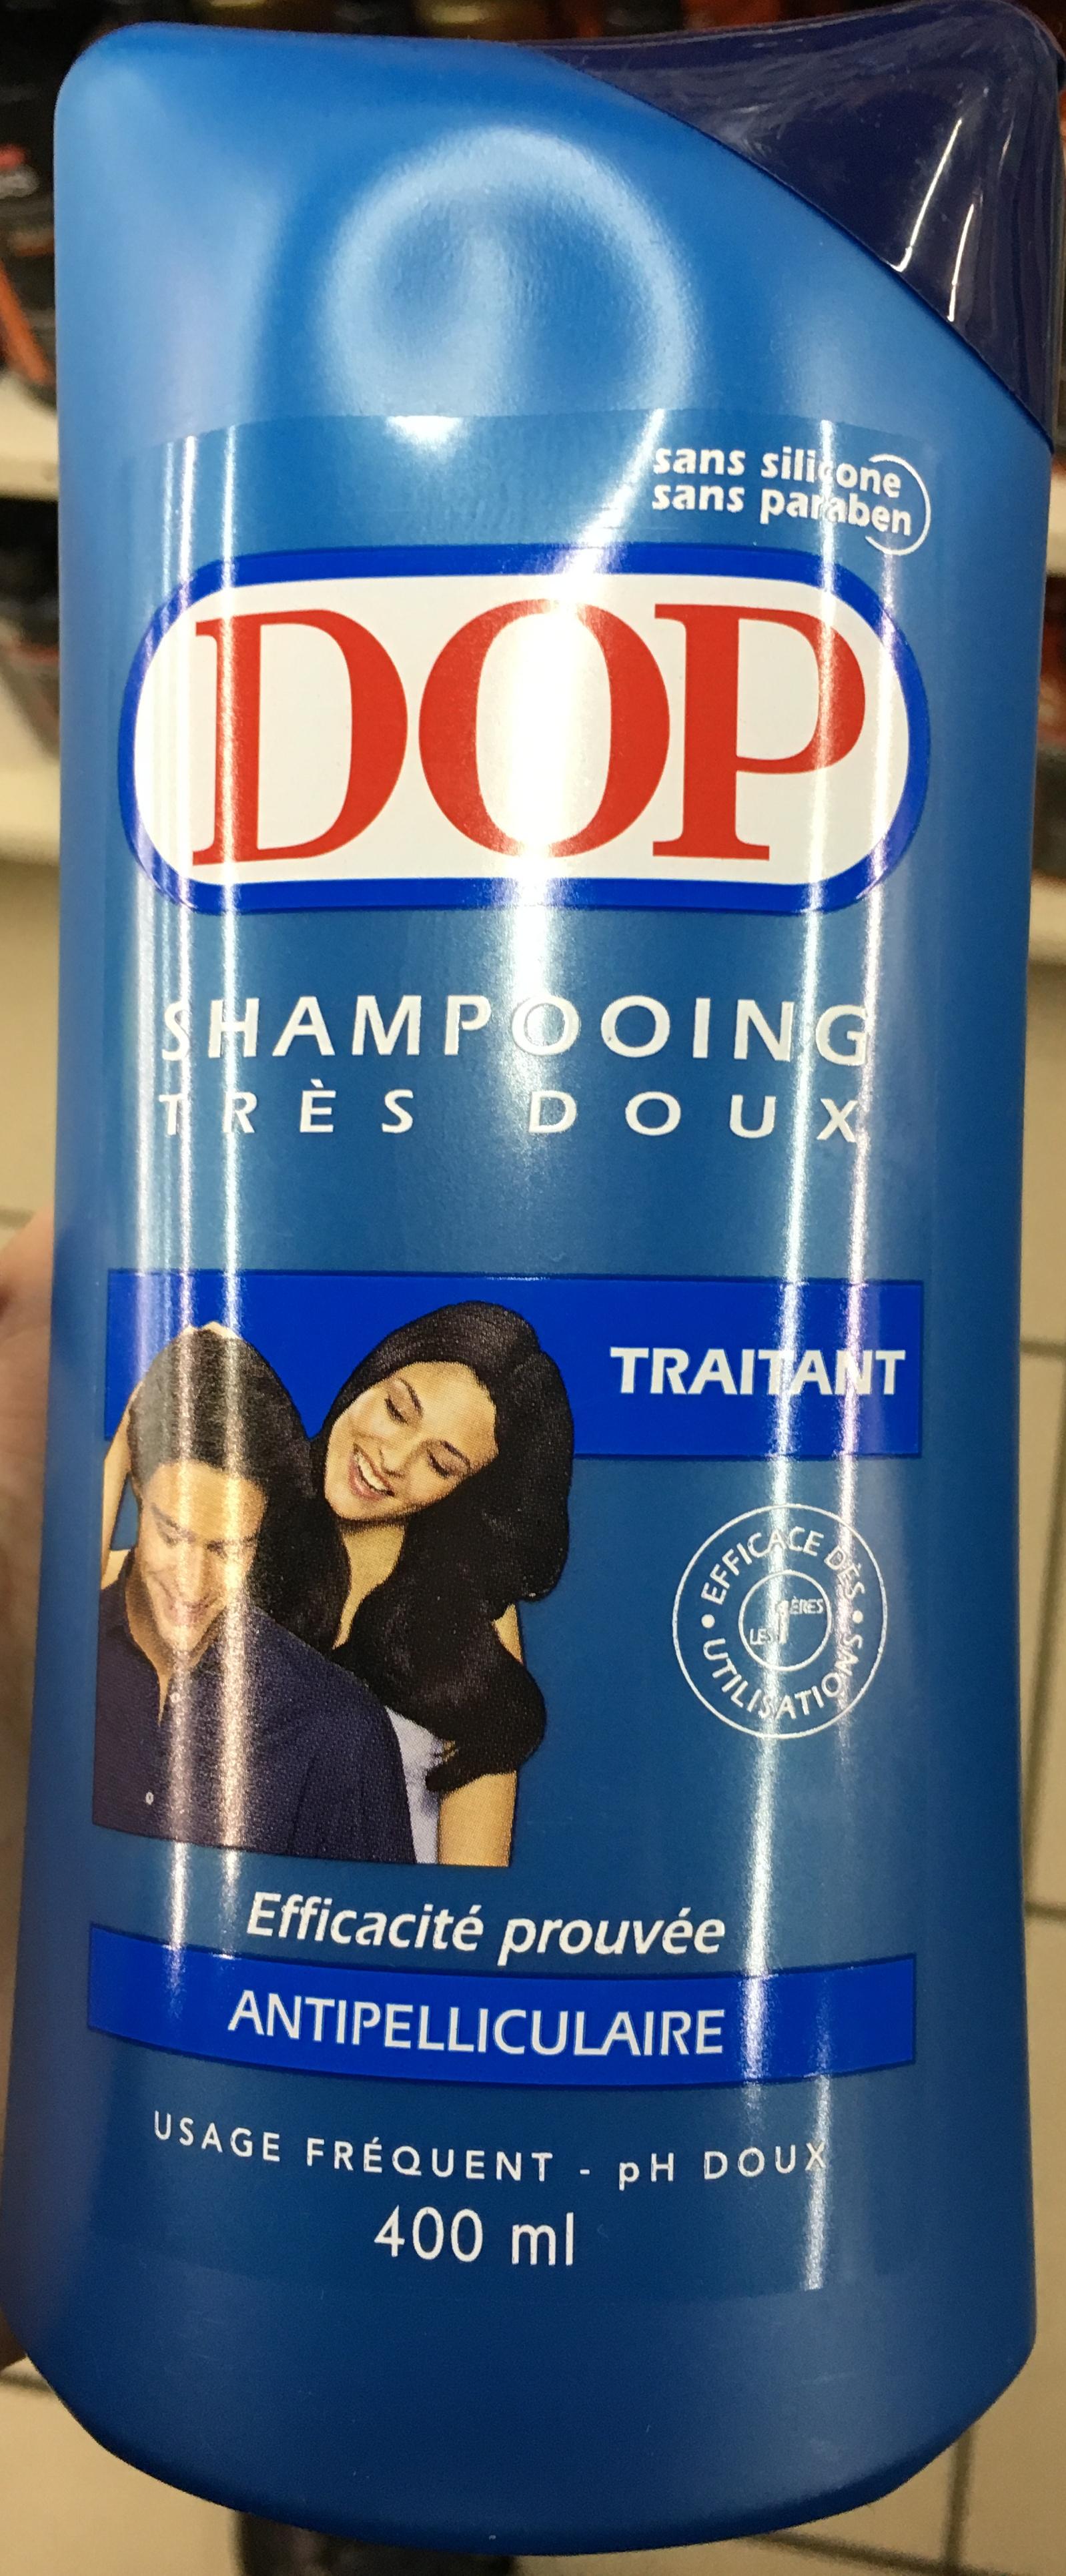 Shampooing très doux Traitant Antipelliculaire - Produit